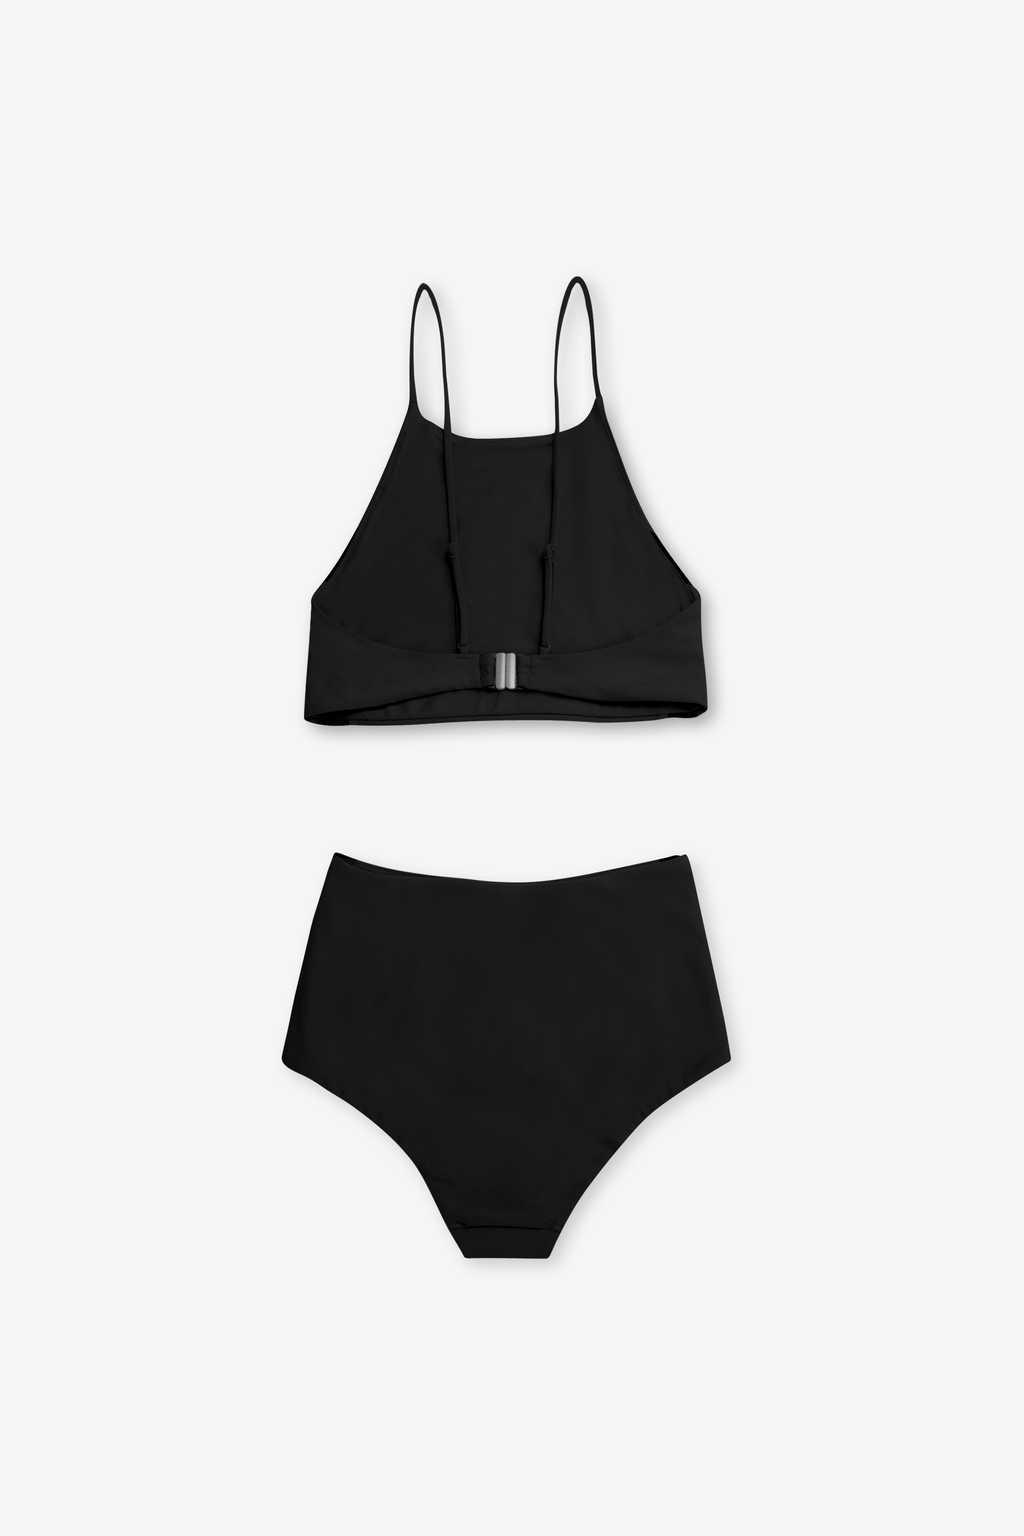 Bikini Top 2203 Black 12